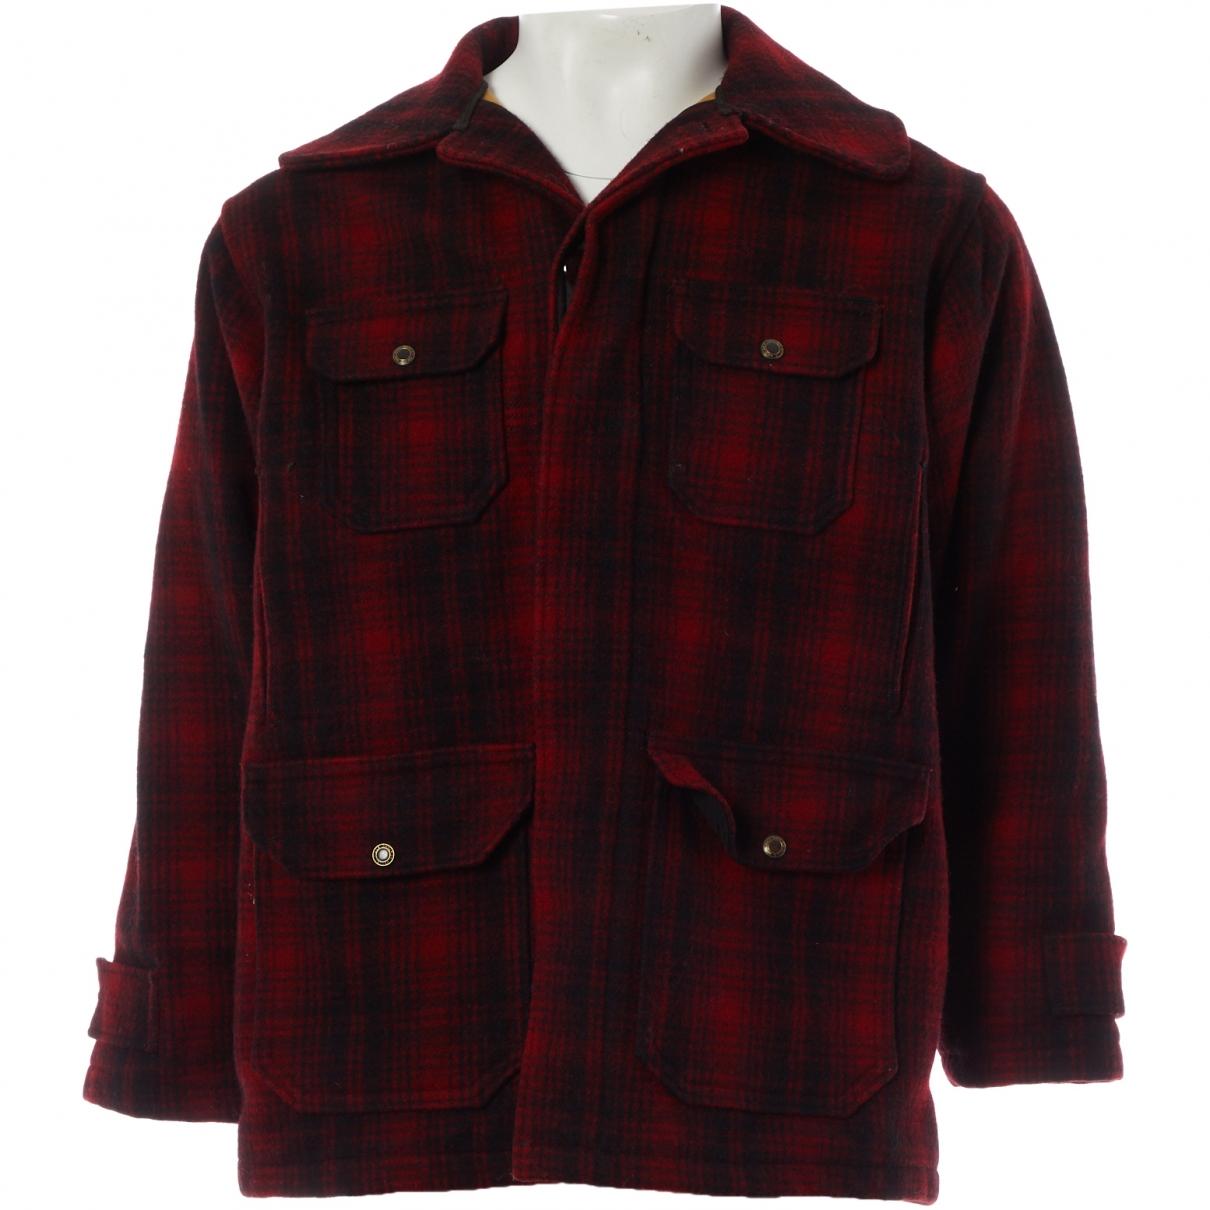 Woolrich \N Red Wool jacket  for Men 42 UK - US